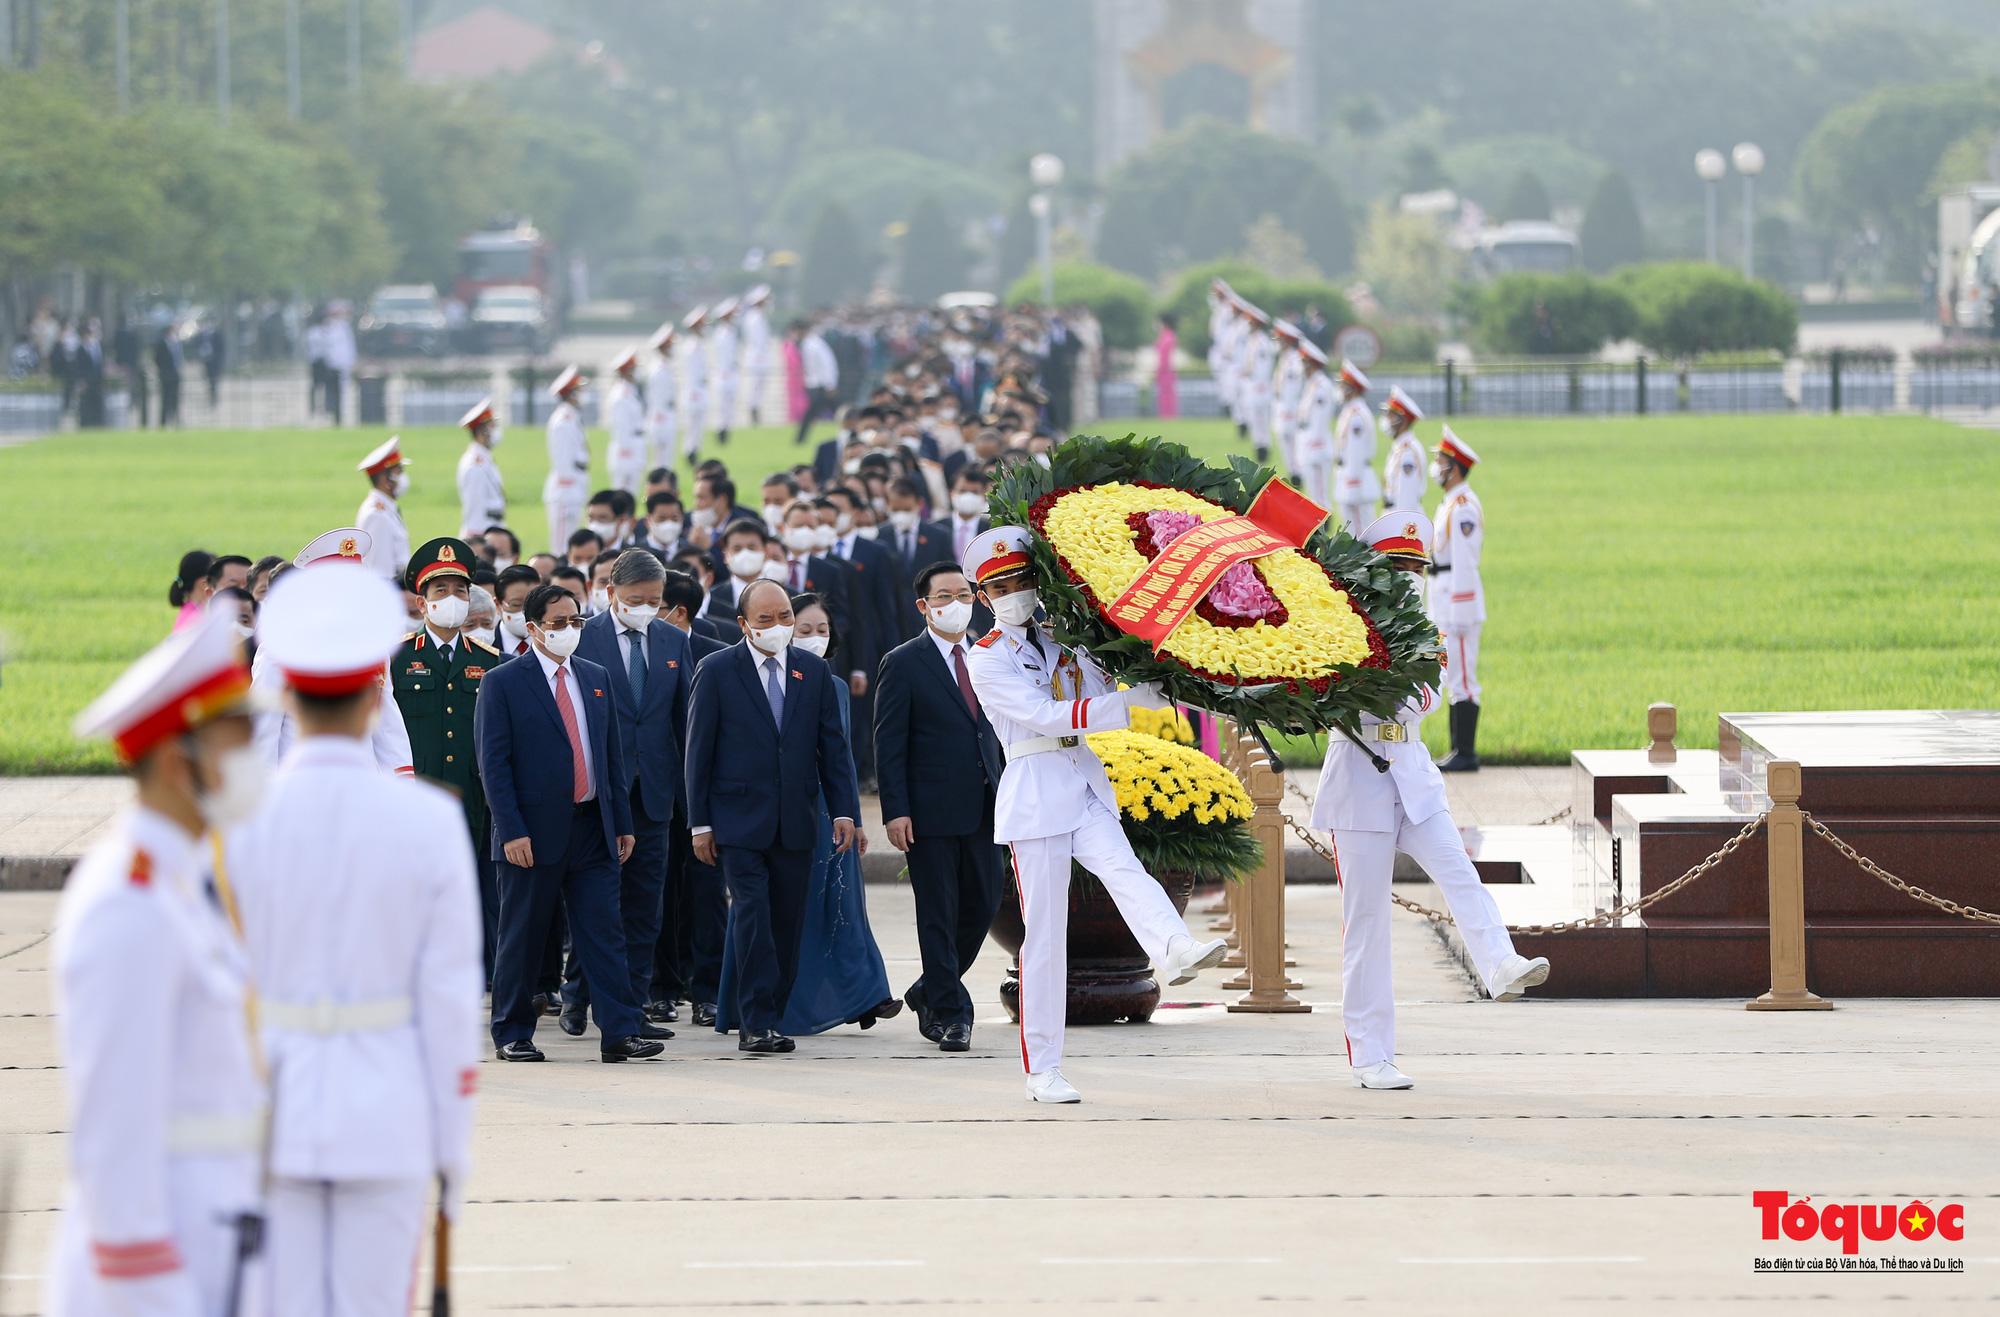 Lãnh đạo Đảng, Nhà nước và các đại biểu Quốc hội khóa XV vào Lăng viếng Chủ tịch Hồ Chí Minh - Ảnh 3.